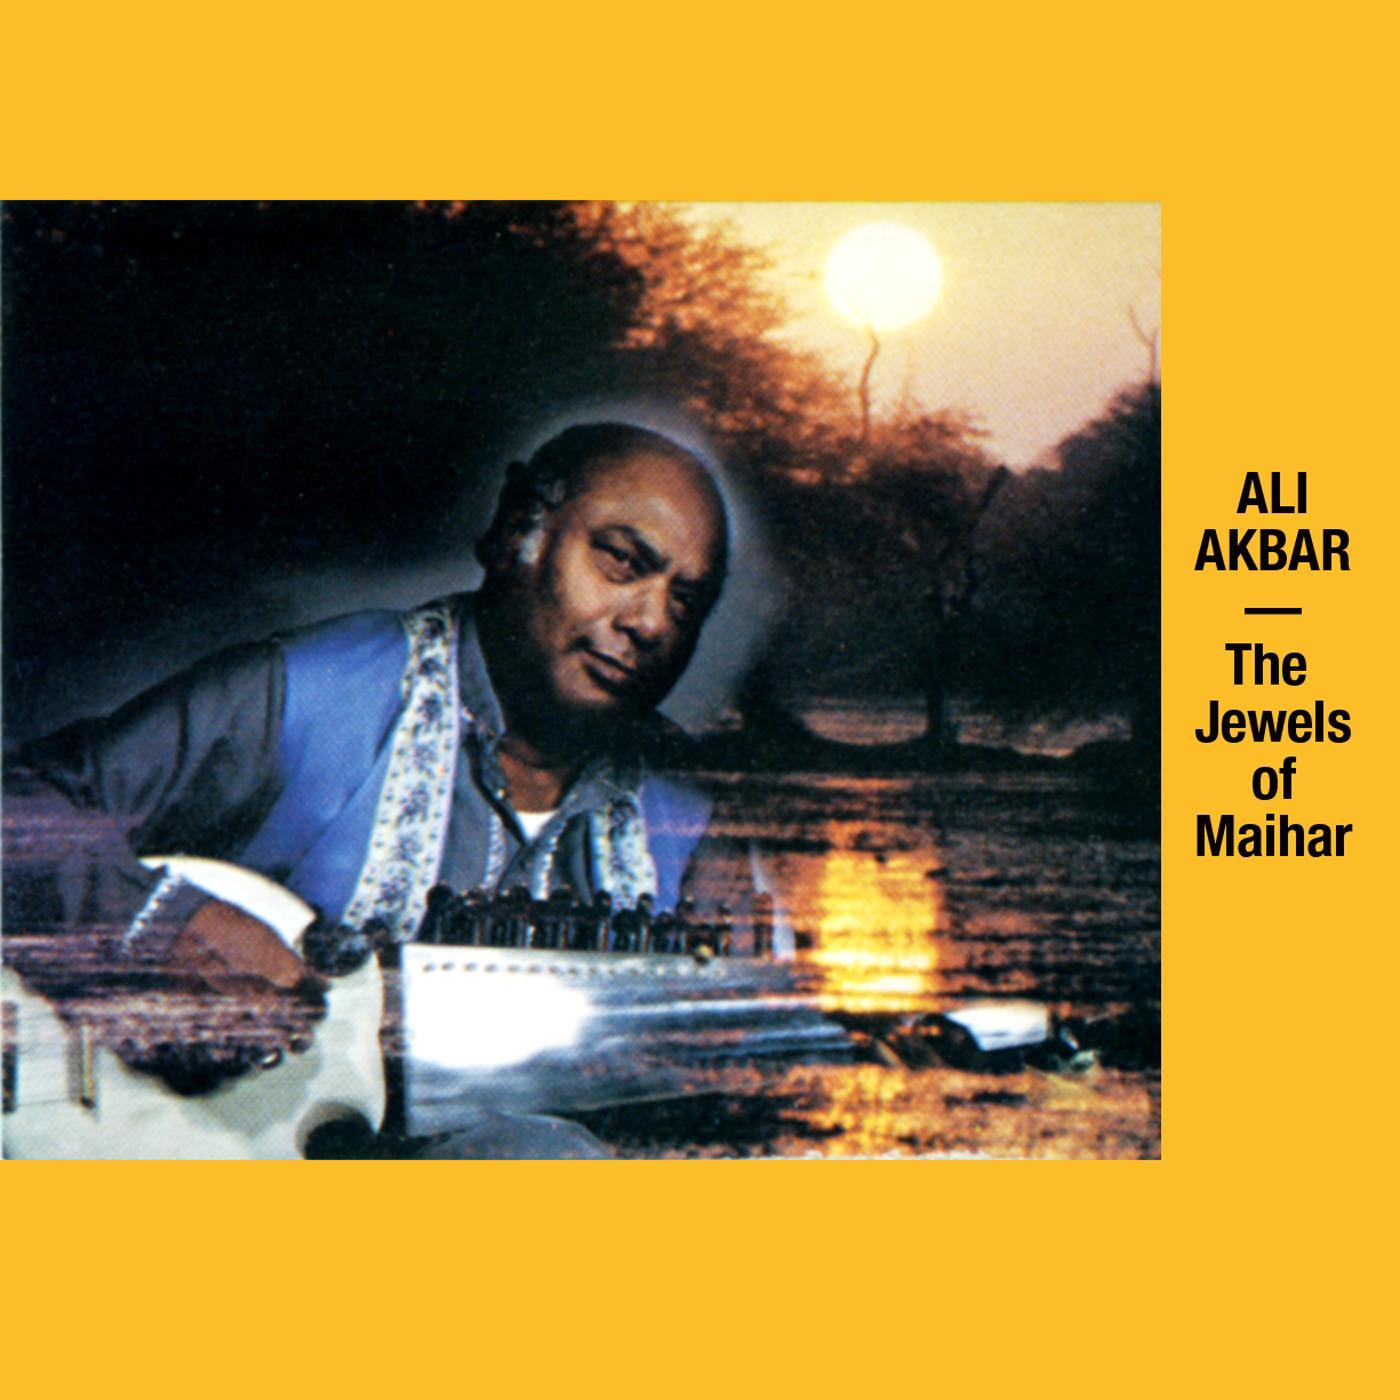 aak-jewels-of-maihar.jpg